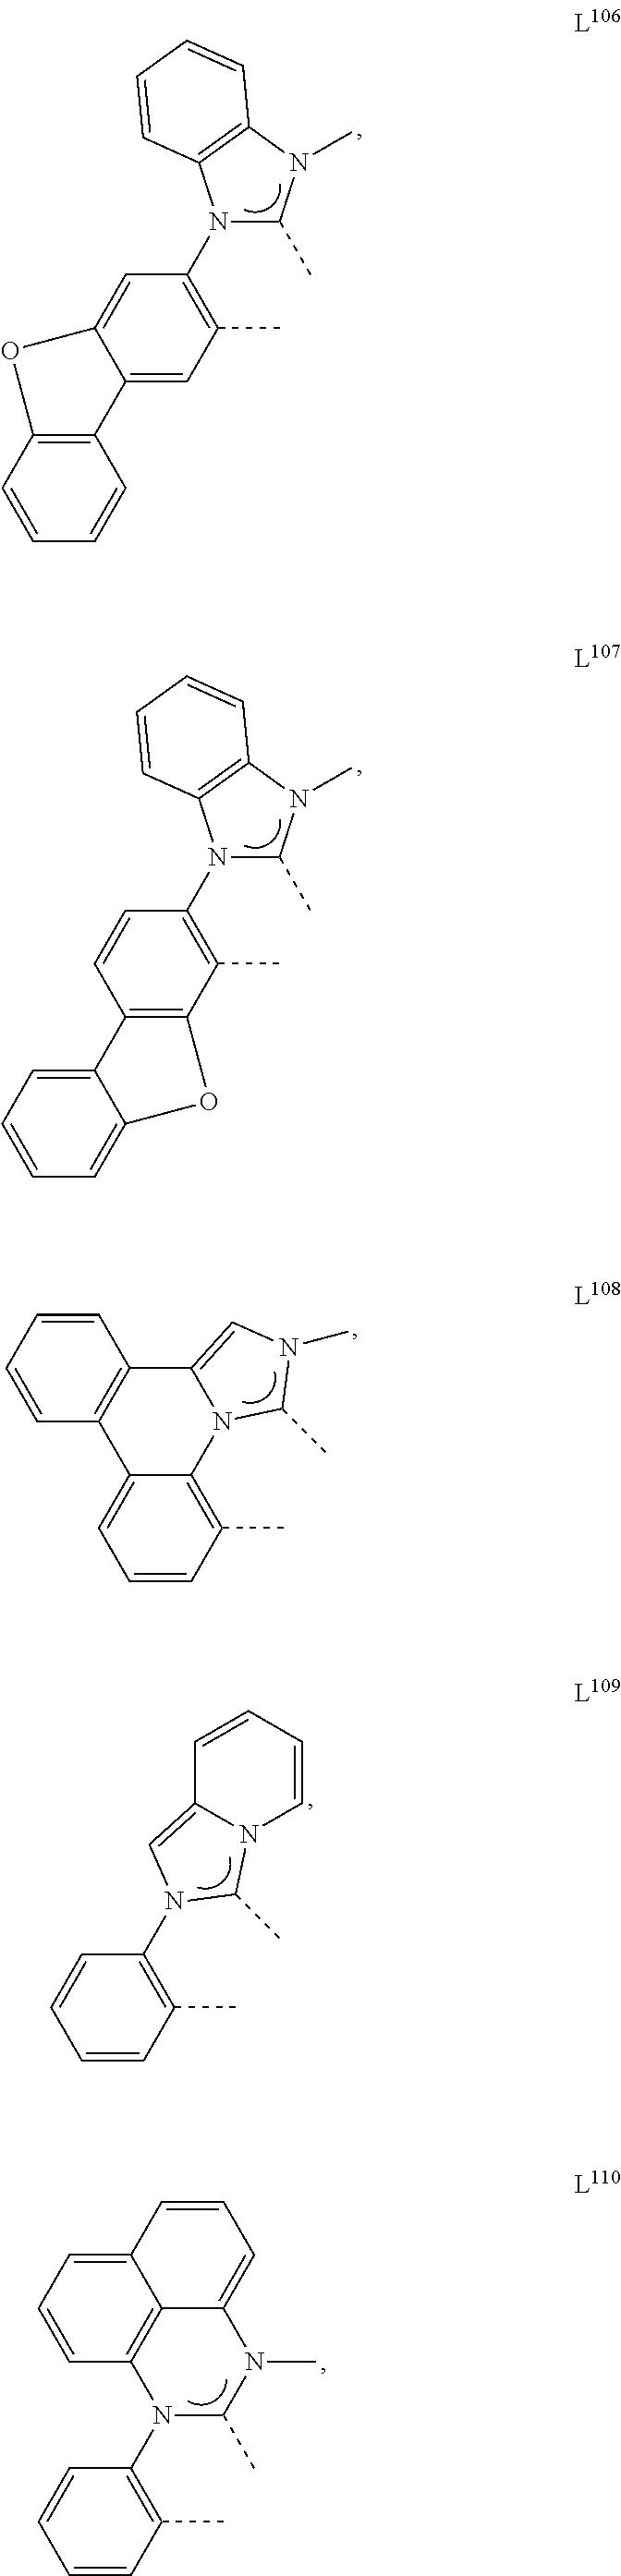 Figure US09306179-20160405-C00008